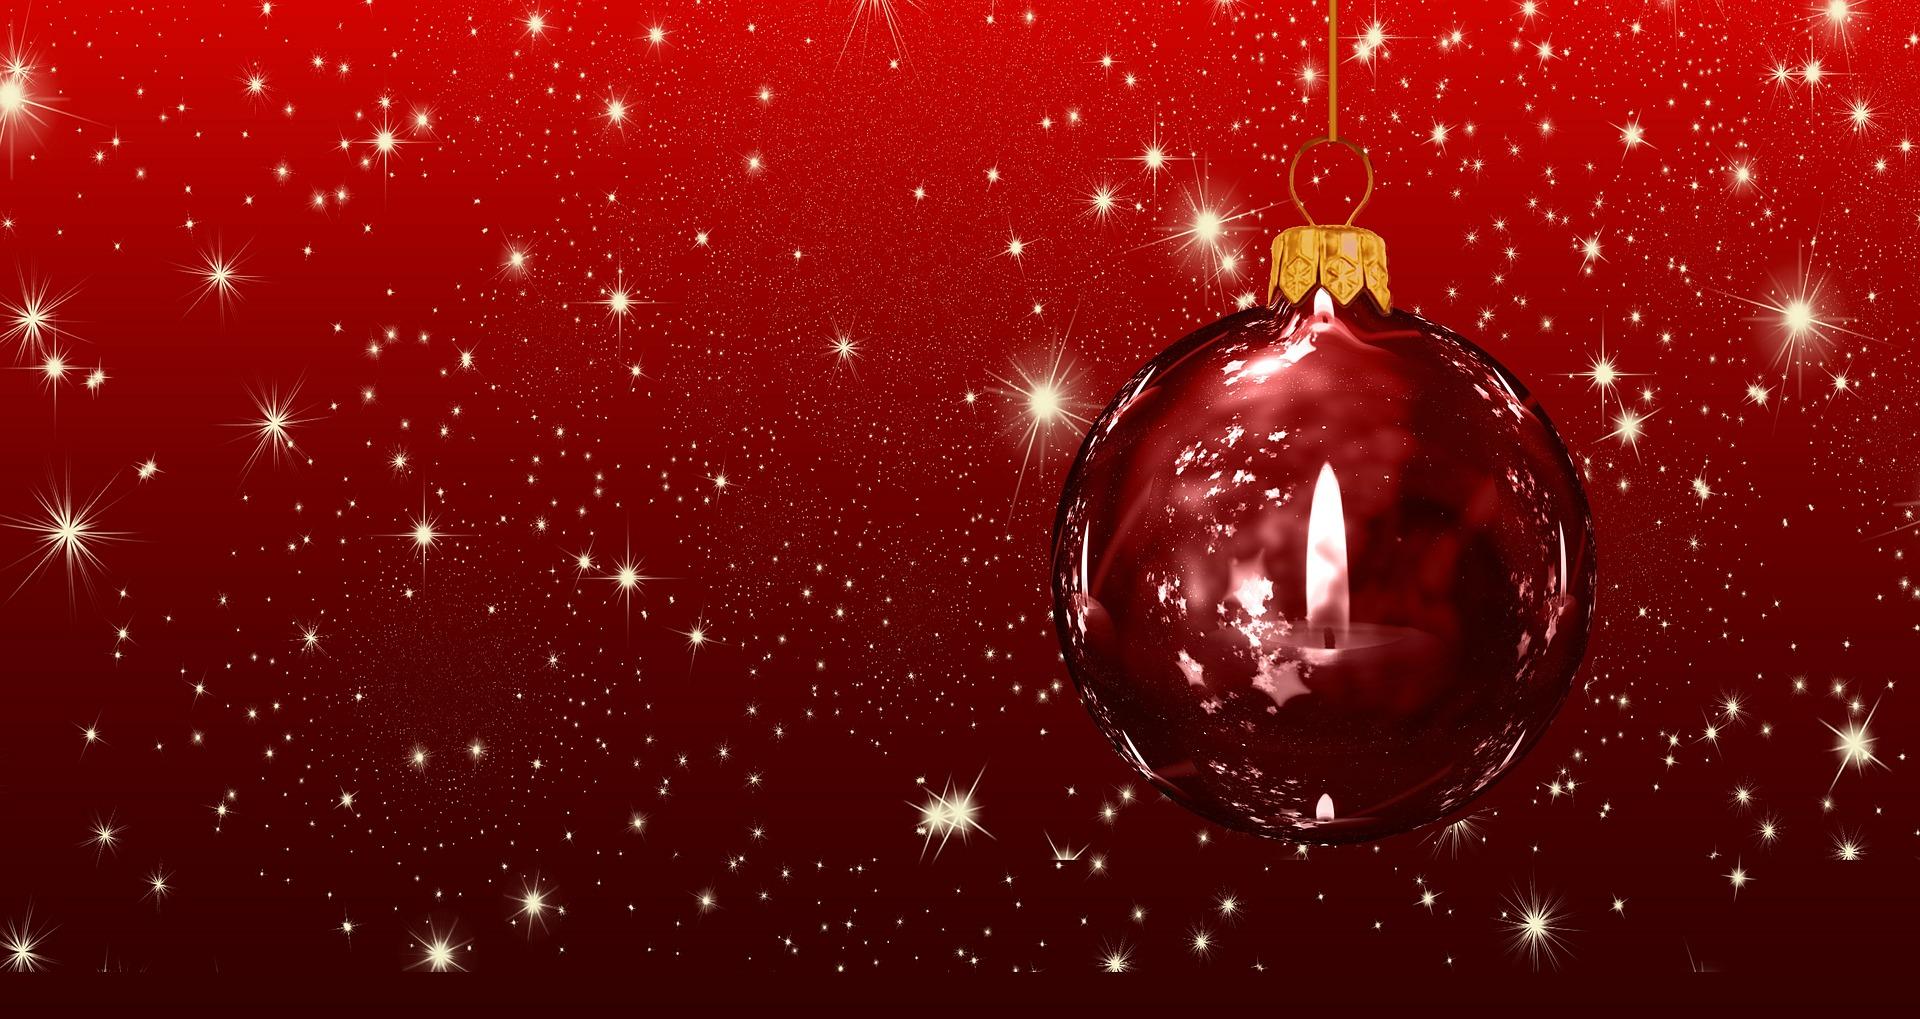 Enobox Experiencias te ofrece ideas para la organización de Eventos navideños para empresas